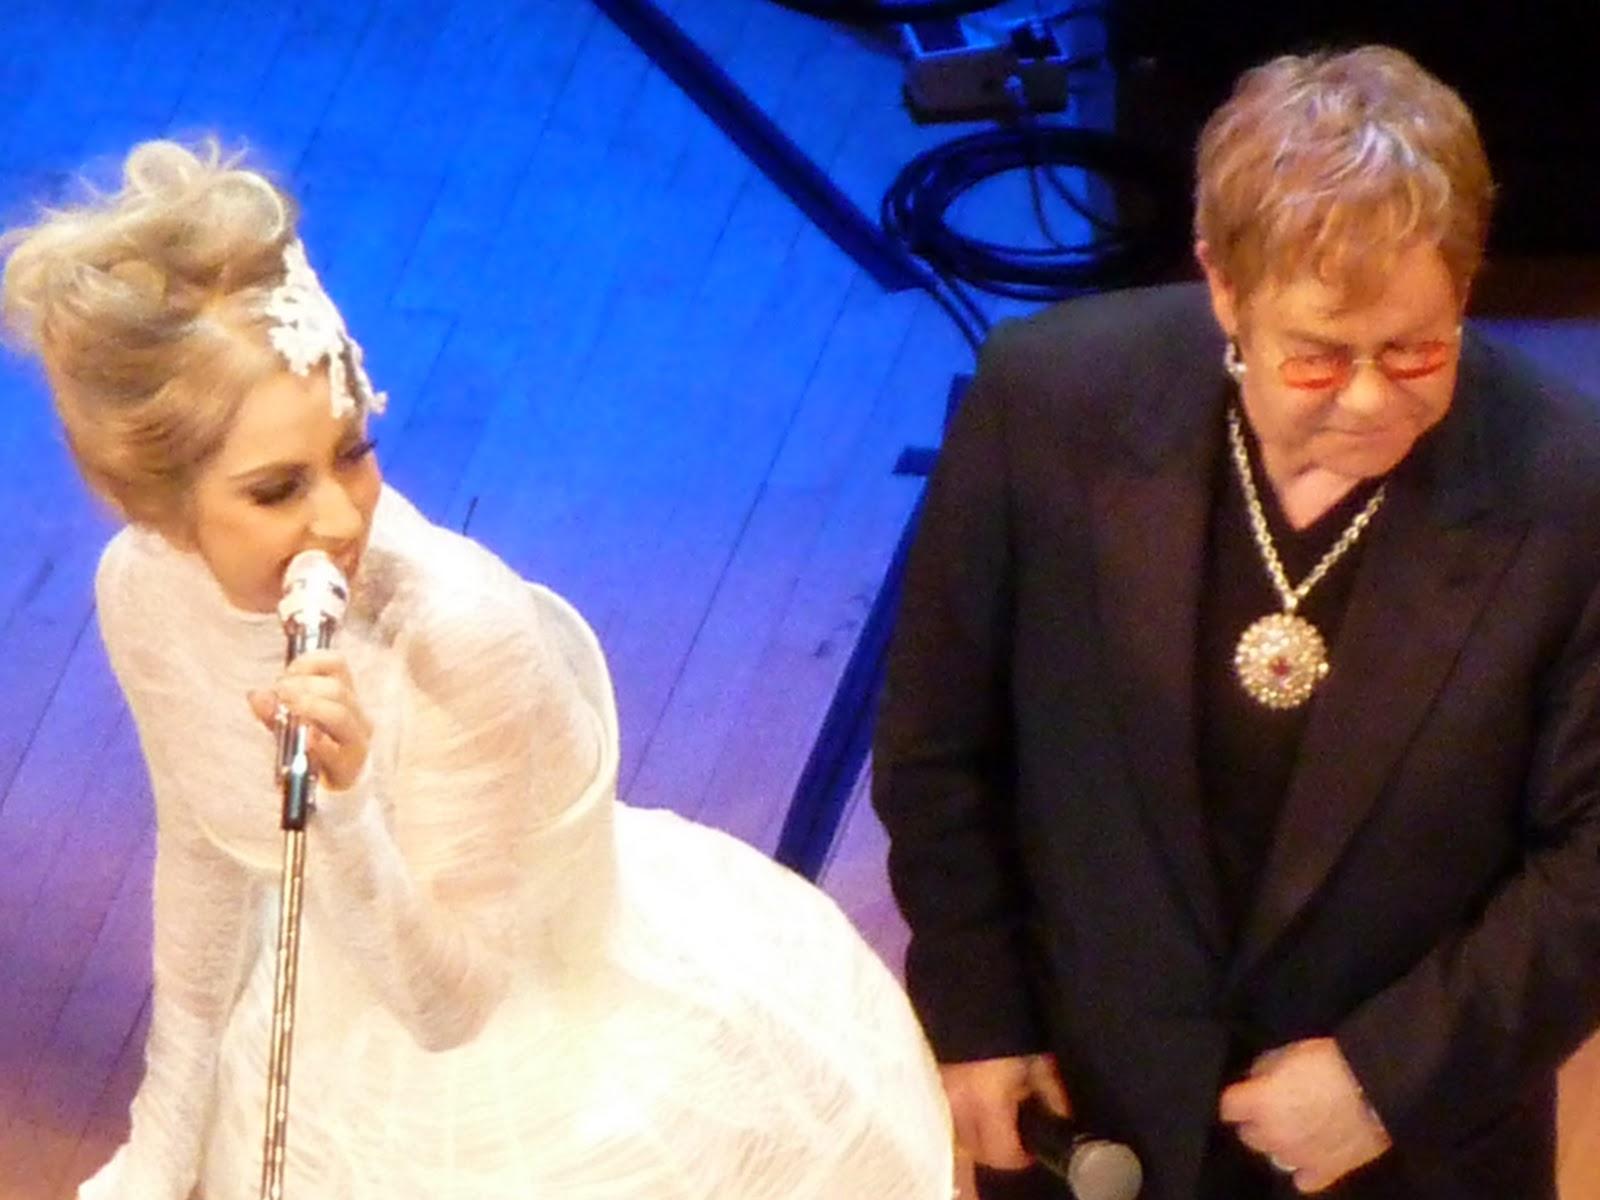 http://4.bp.blogspot.com/_NPKjwqQZ1Cw/TQjSbADuxVI/AAAAAAAABXU/-Njvl6Qkpnc/s1600/Gaga-and-Elton-Carnegie.jpg